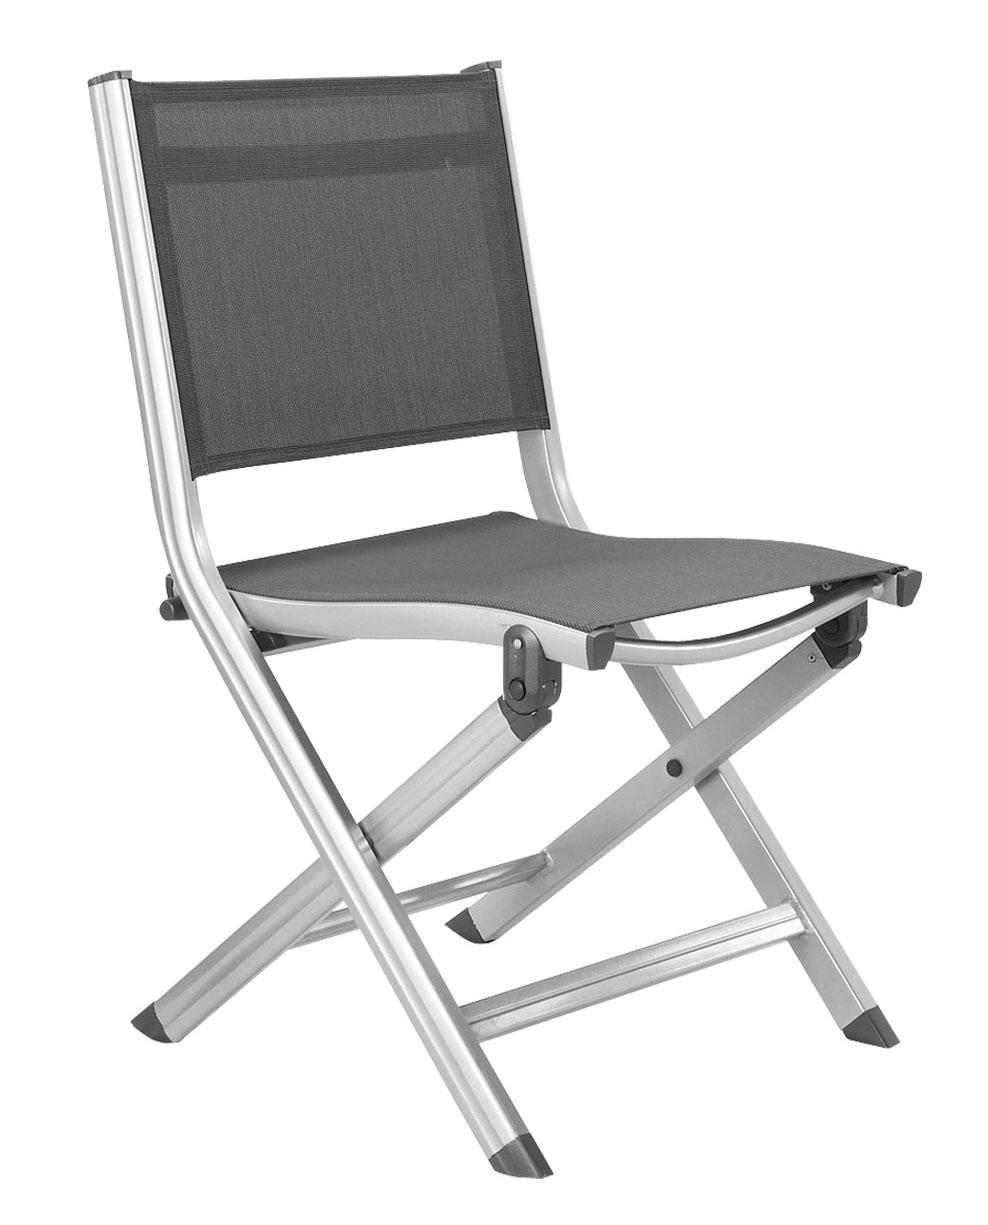 kettler gartenstuhl basic plus 0301218 000 klappbar silber anthr alu bei. Black Bedroom Furniture Sets. Home Design Ideas